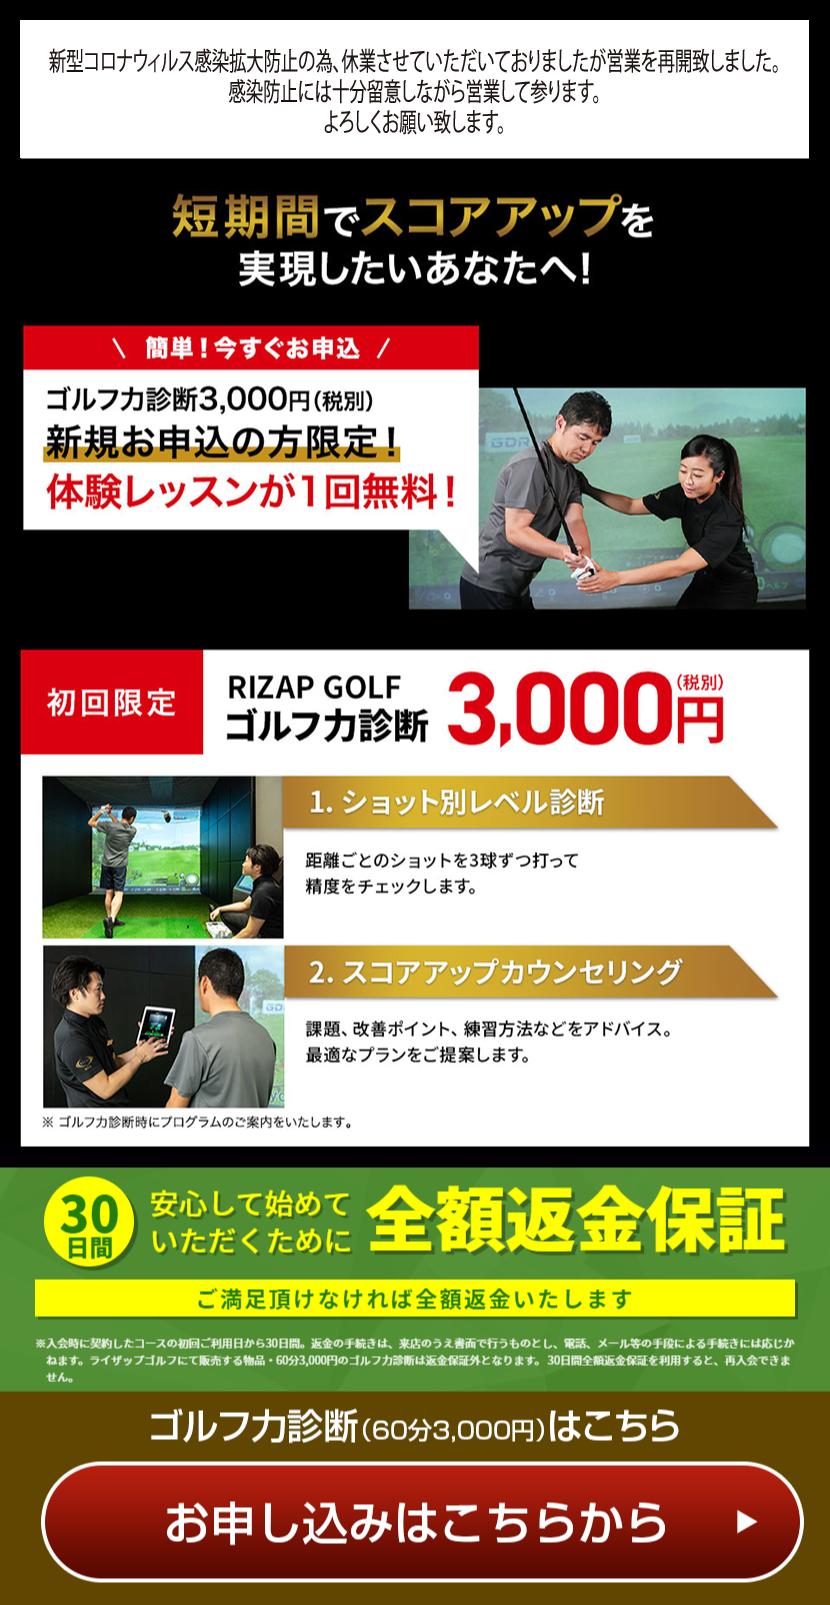 ライ ザップ ゴルフ 川崎 店